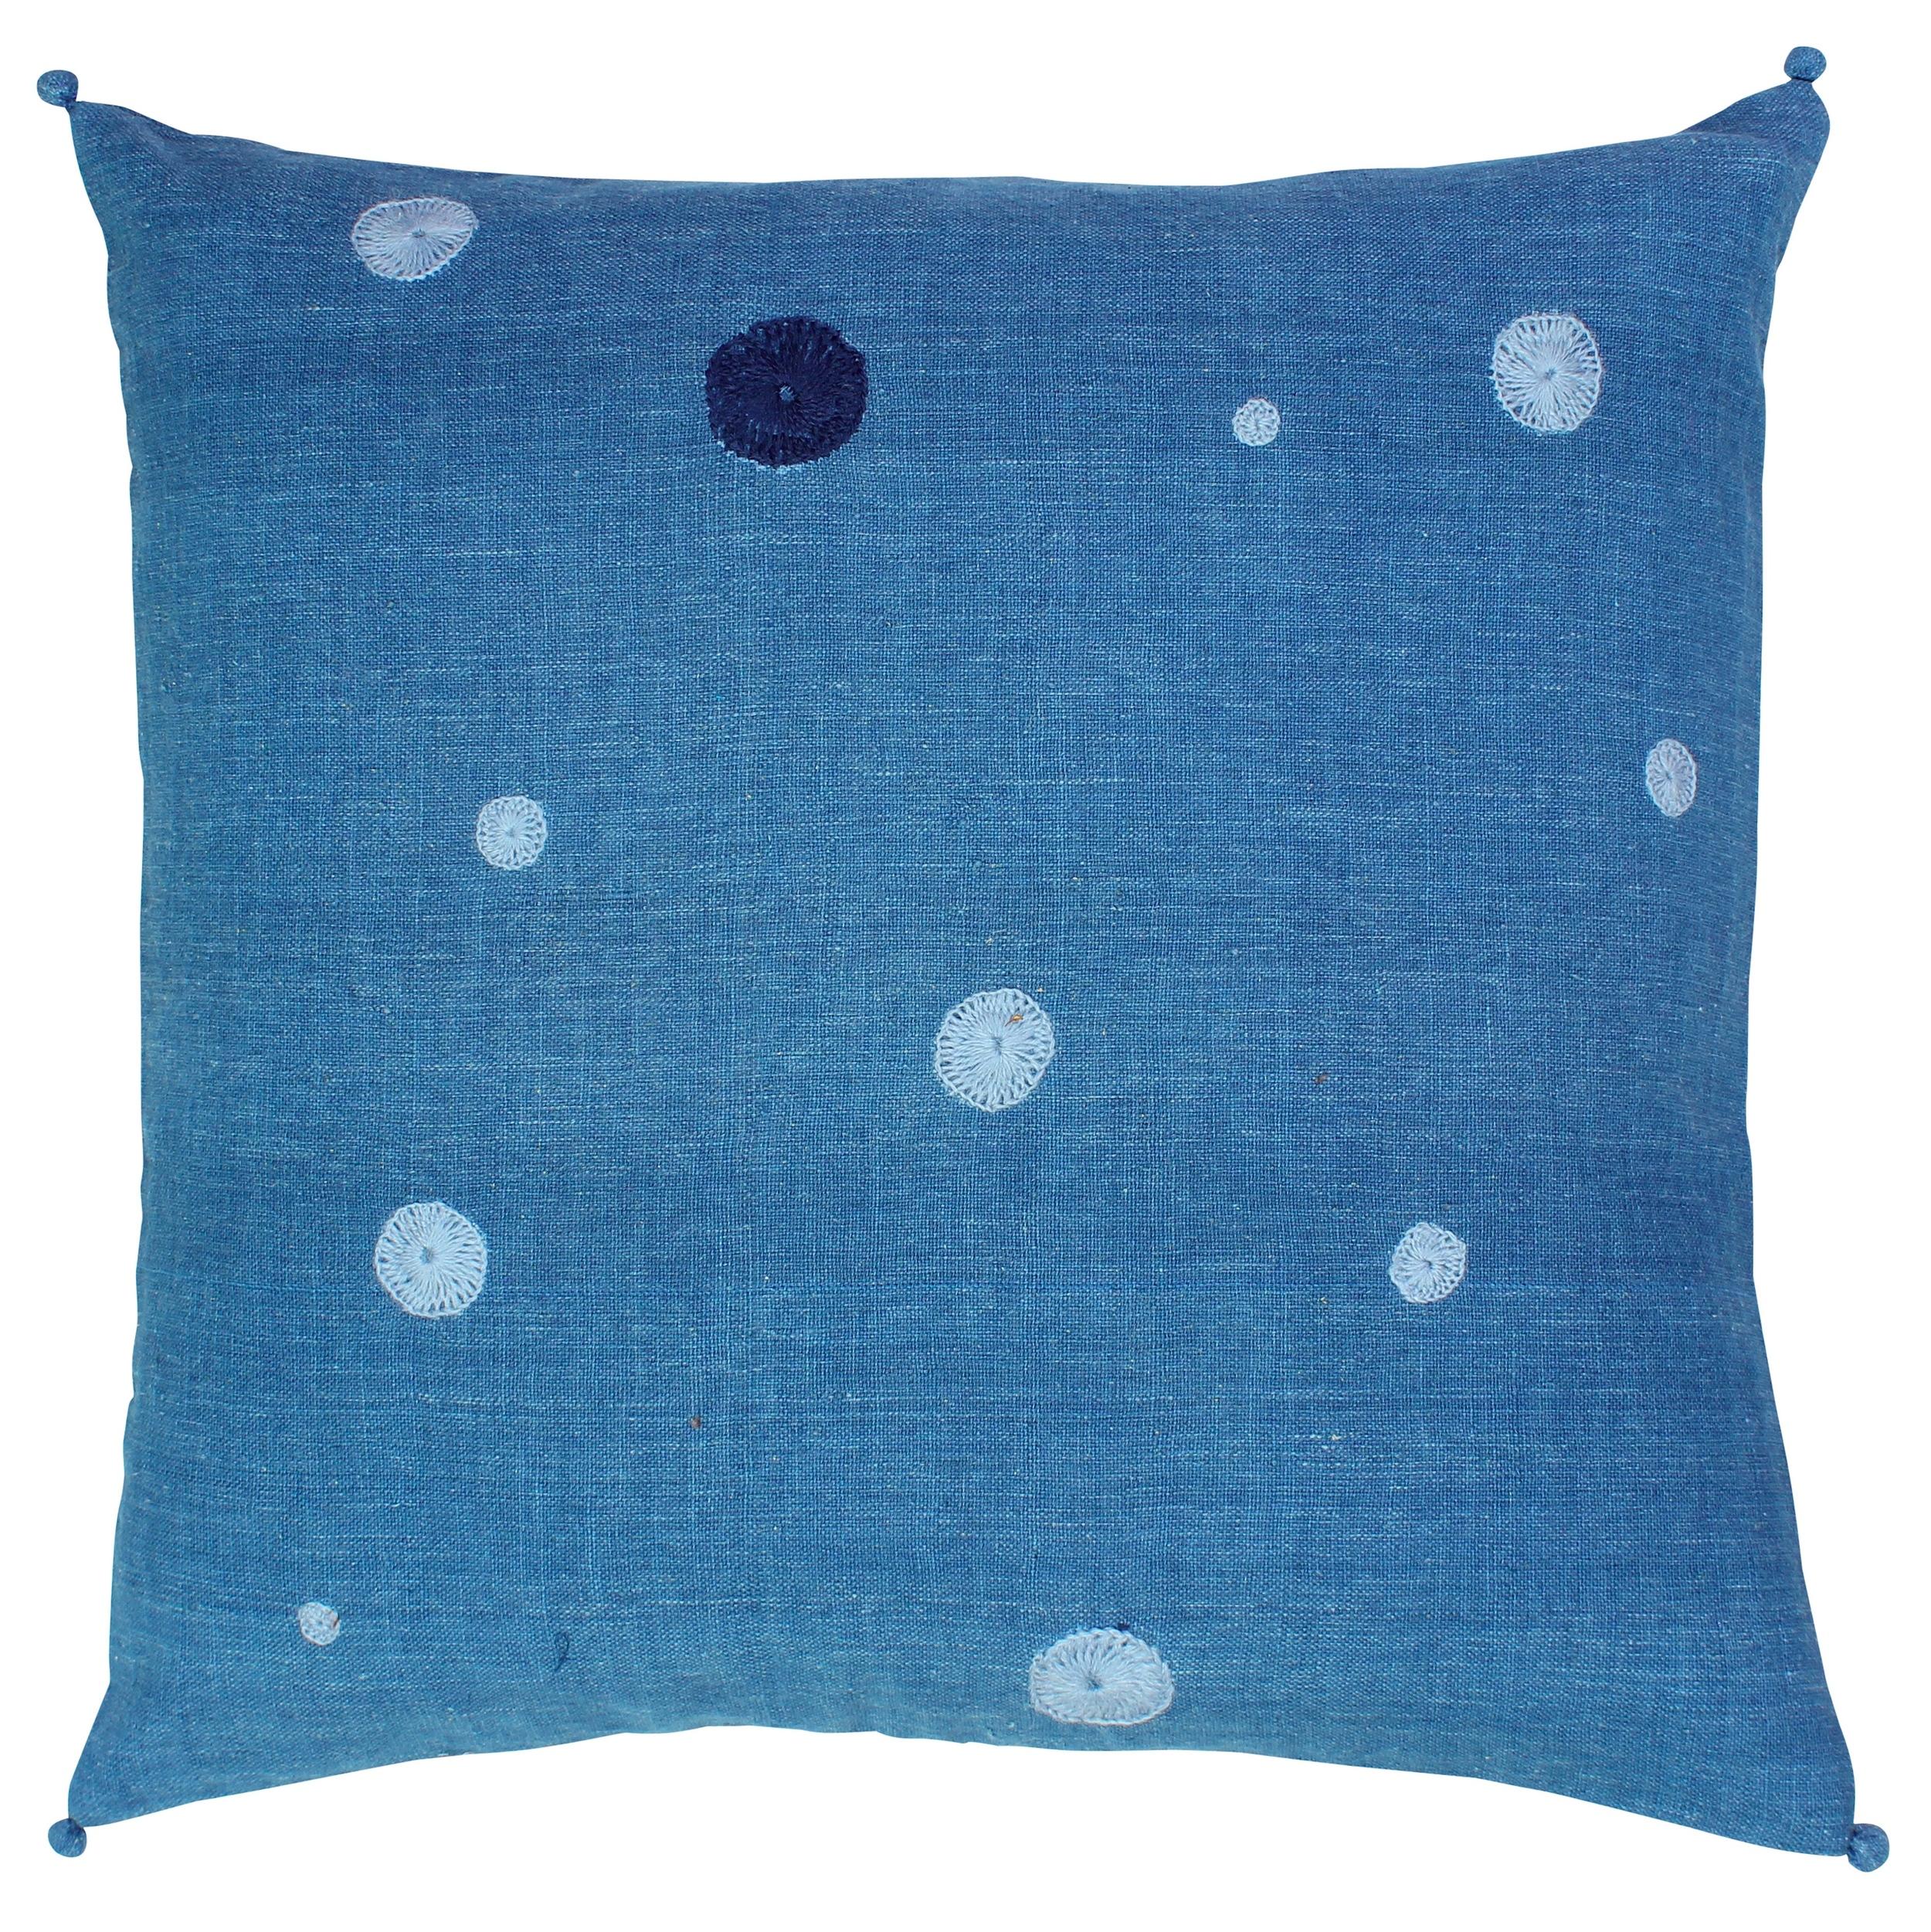 StitchByStitch_Bindi_blues_pillow